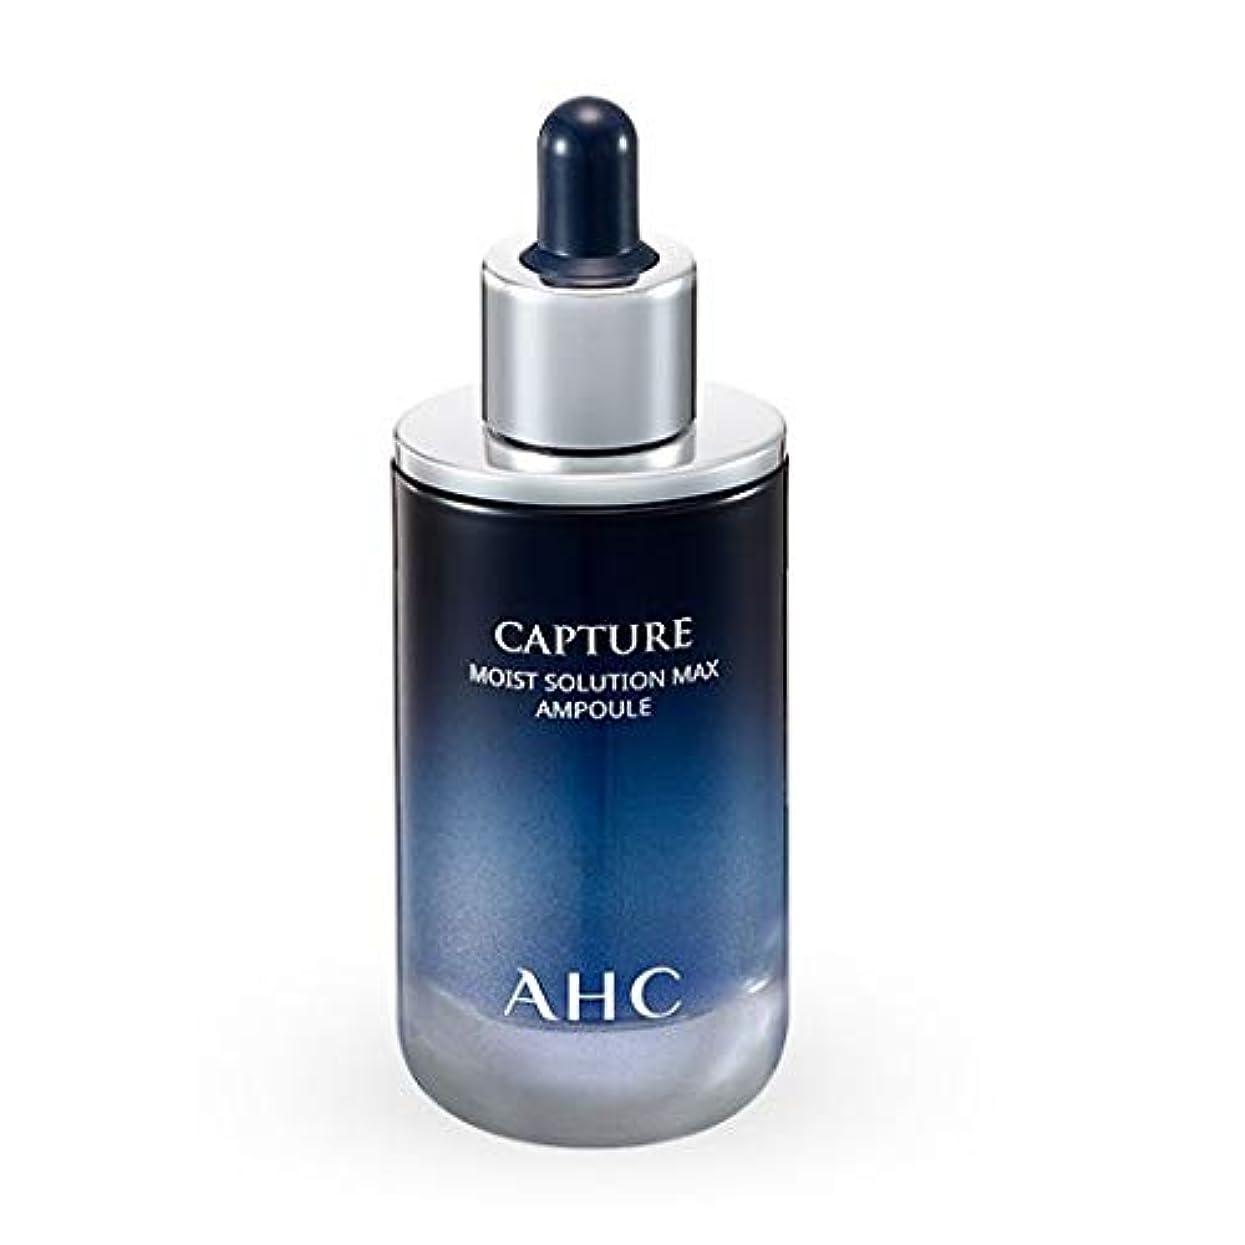 不信ウッズ下にAHC Capture Moist Solution Max Ampoule/キャプチャー モイスト ソリューション マックス アンプル 50ml [並行輸入品]